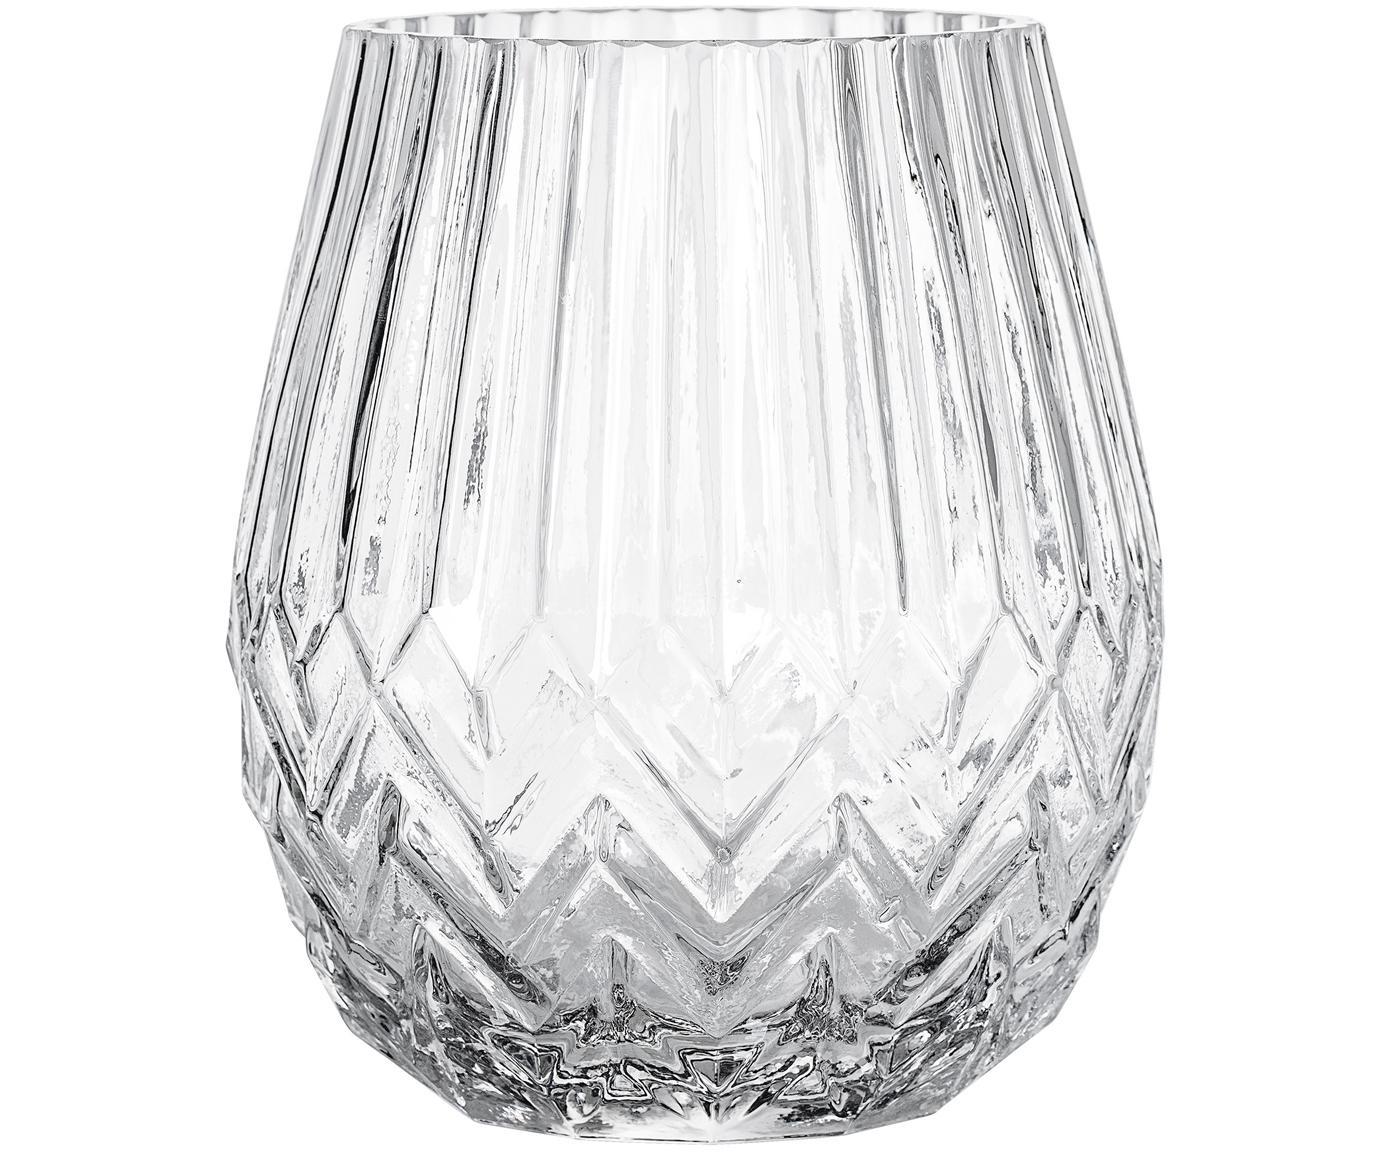 Glas-Vase Luna, Glas, Transparent, Ø 14 x H 17 cm